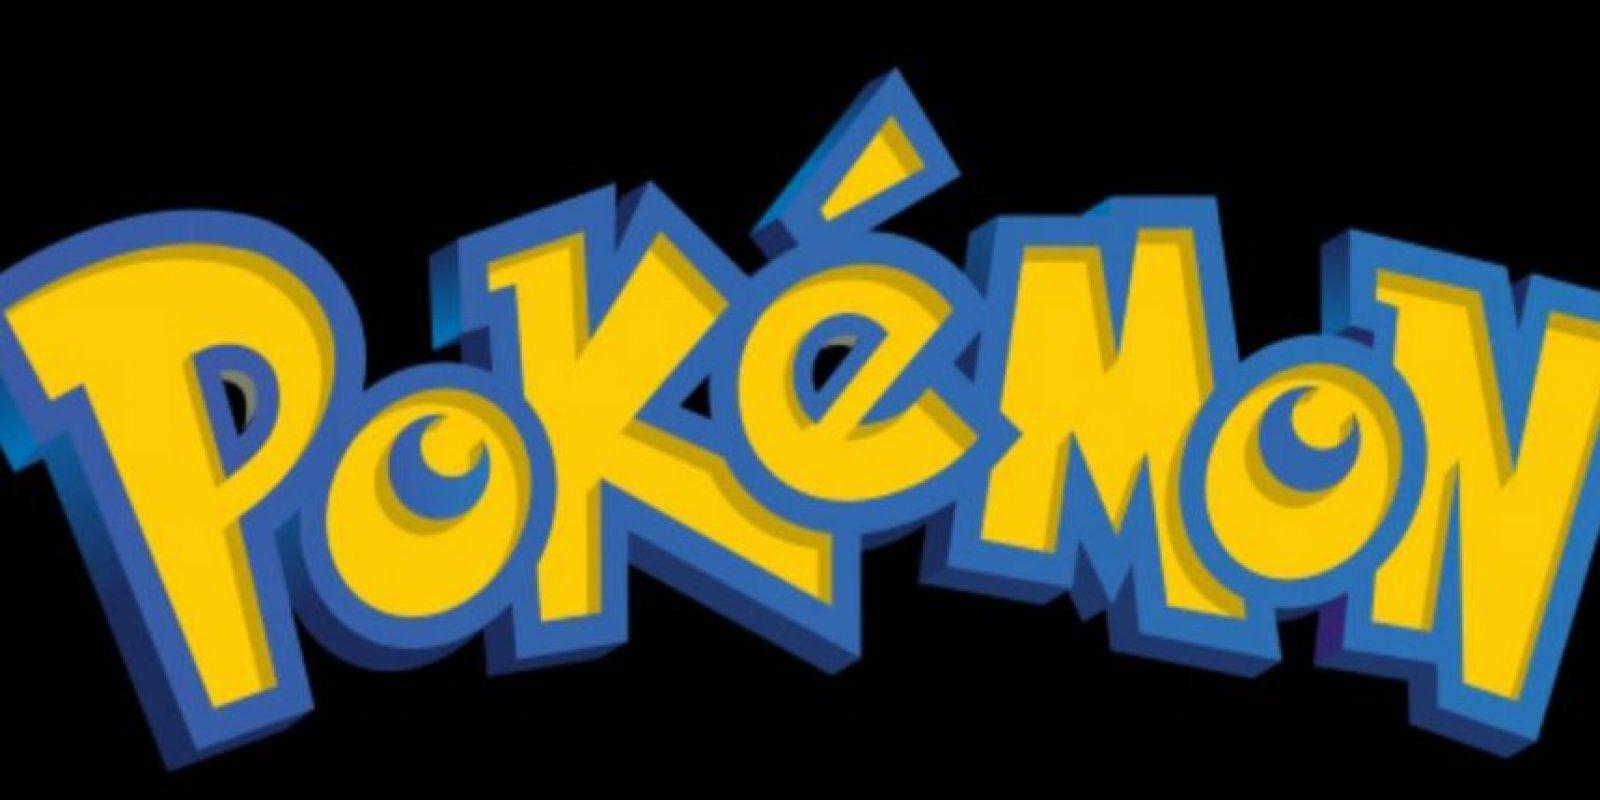 El juego aún no sale en América Latina. Foto:Pokémon